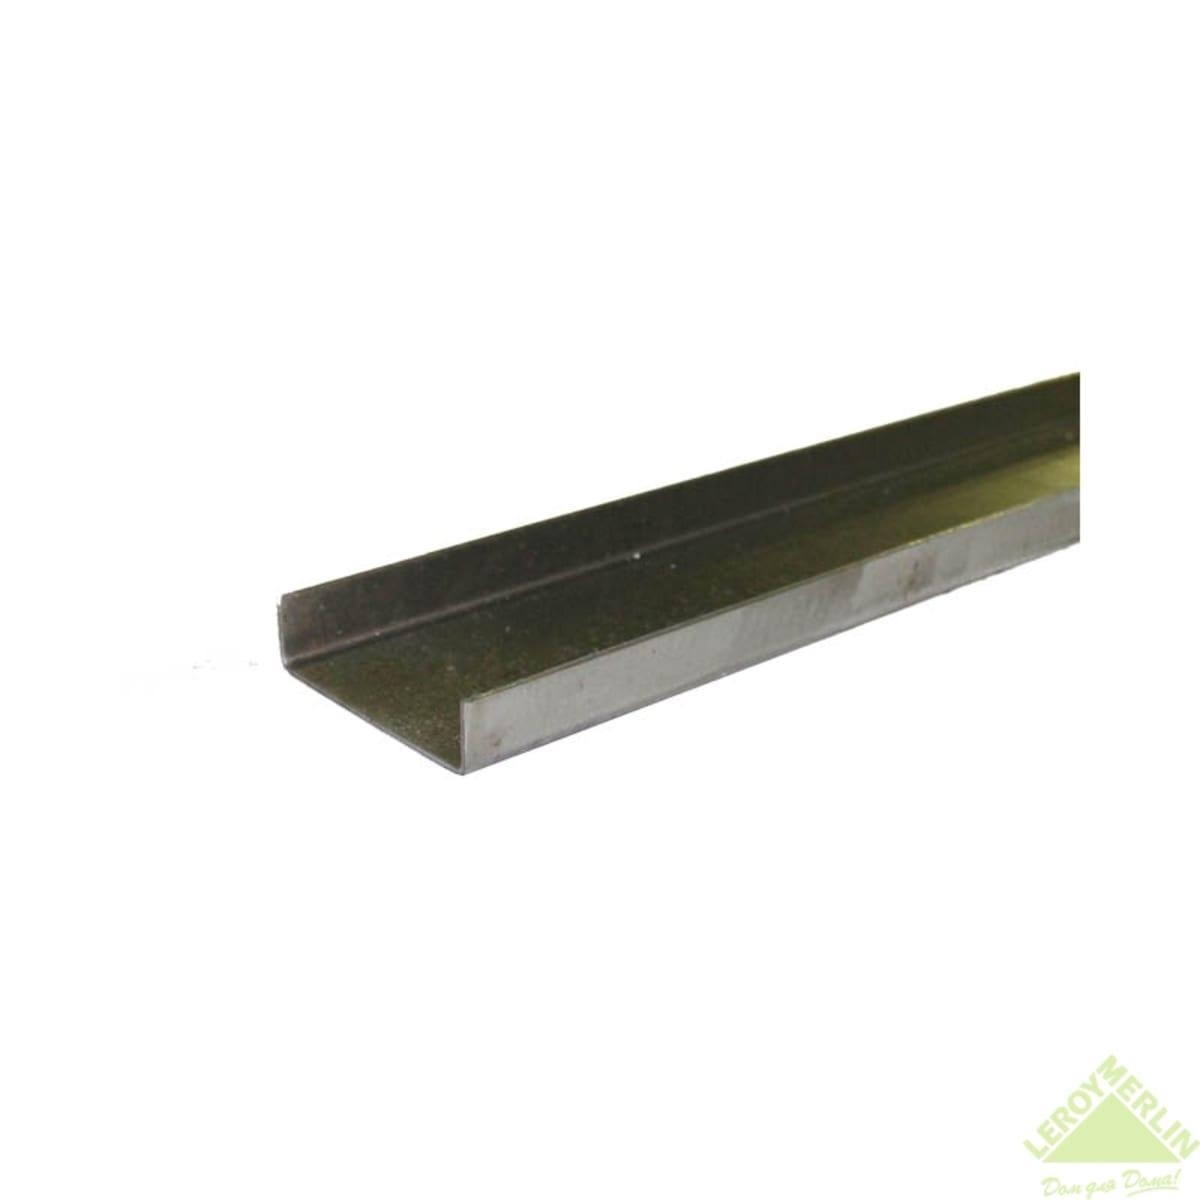 Швеллер 2000 мм, без отверстий, без покрытия